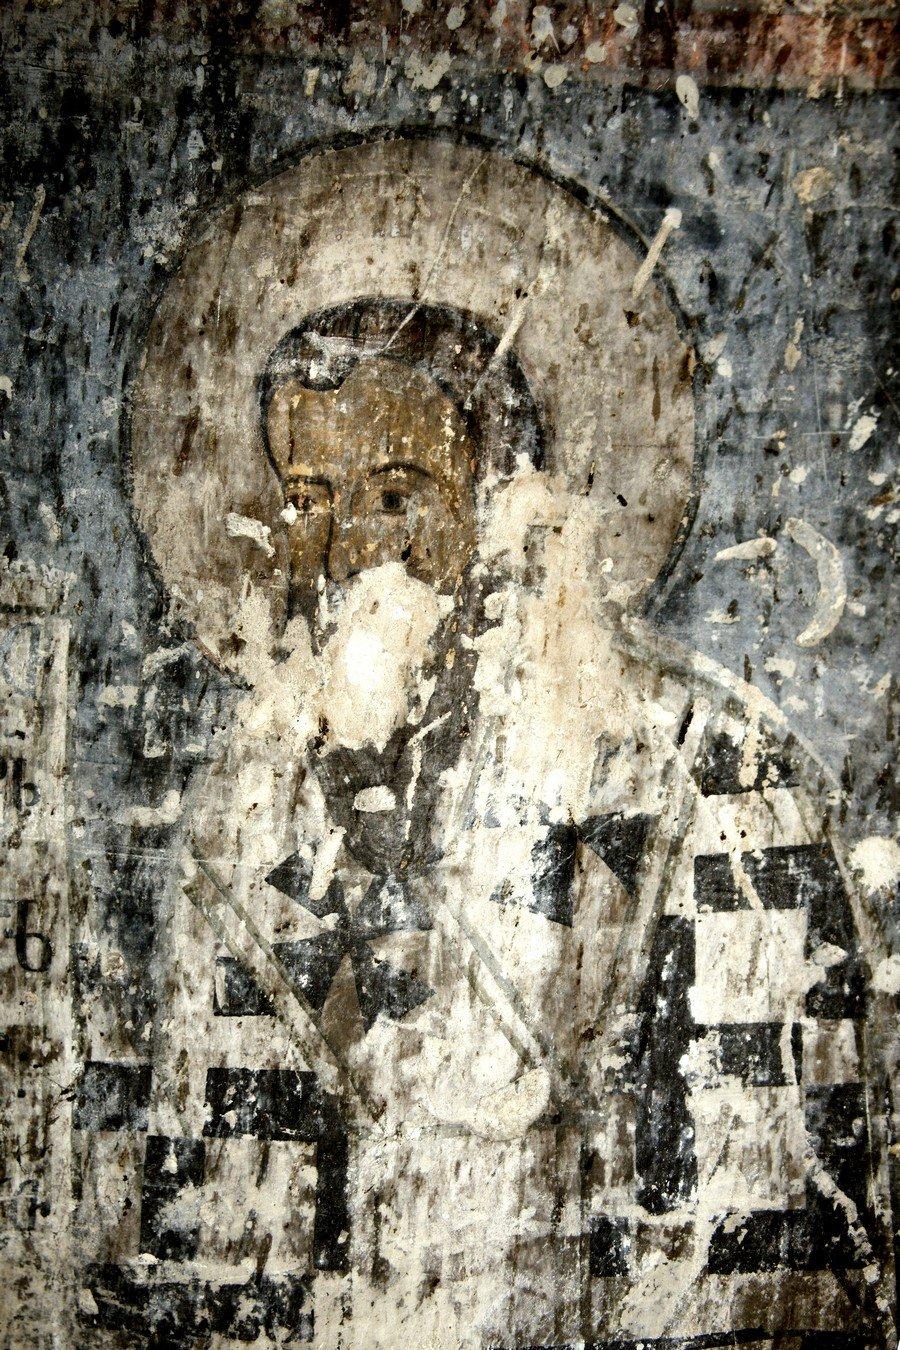 Святитель. Фреска храма Архангела Михаила в монастыре Икорта, Южная Осетия. Конец XII - начало XIII века.